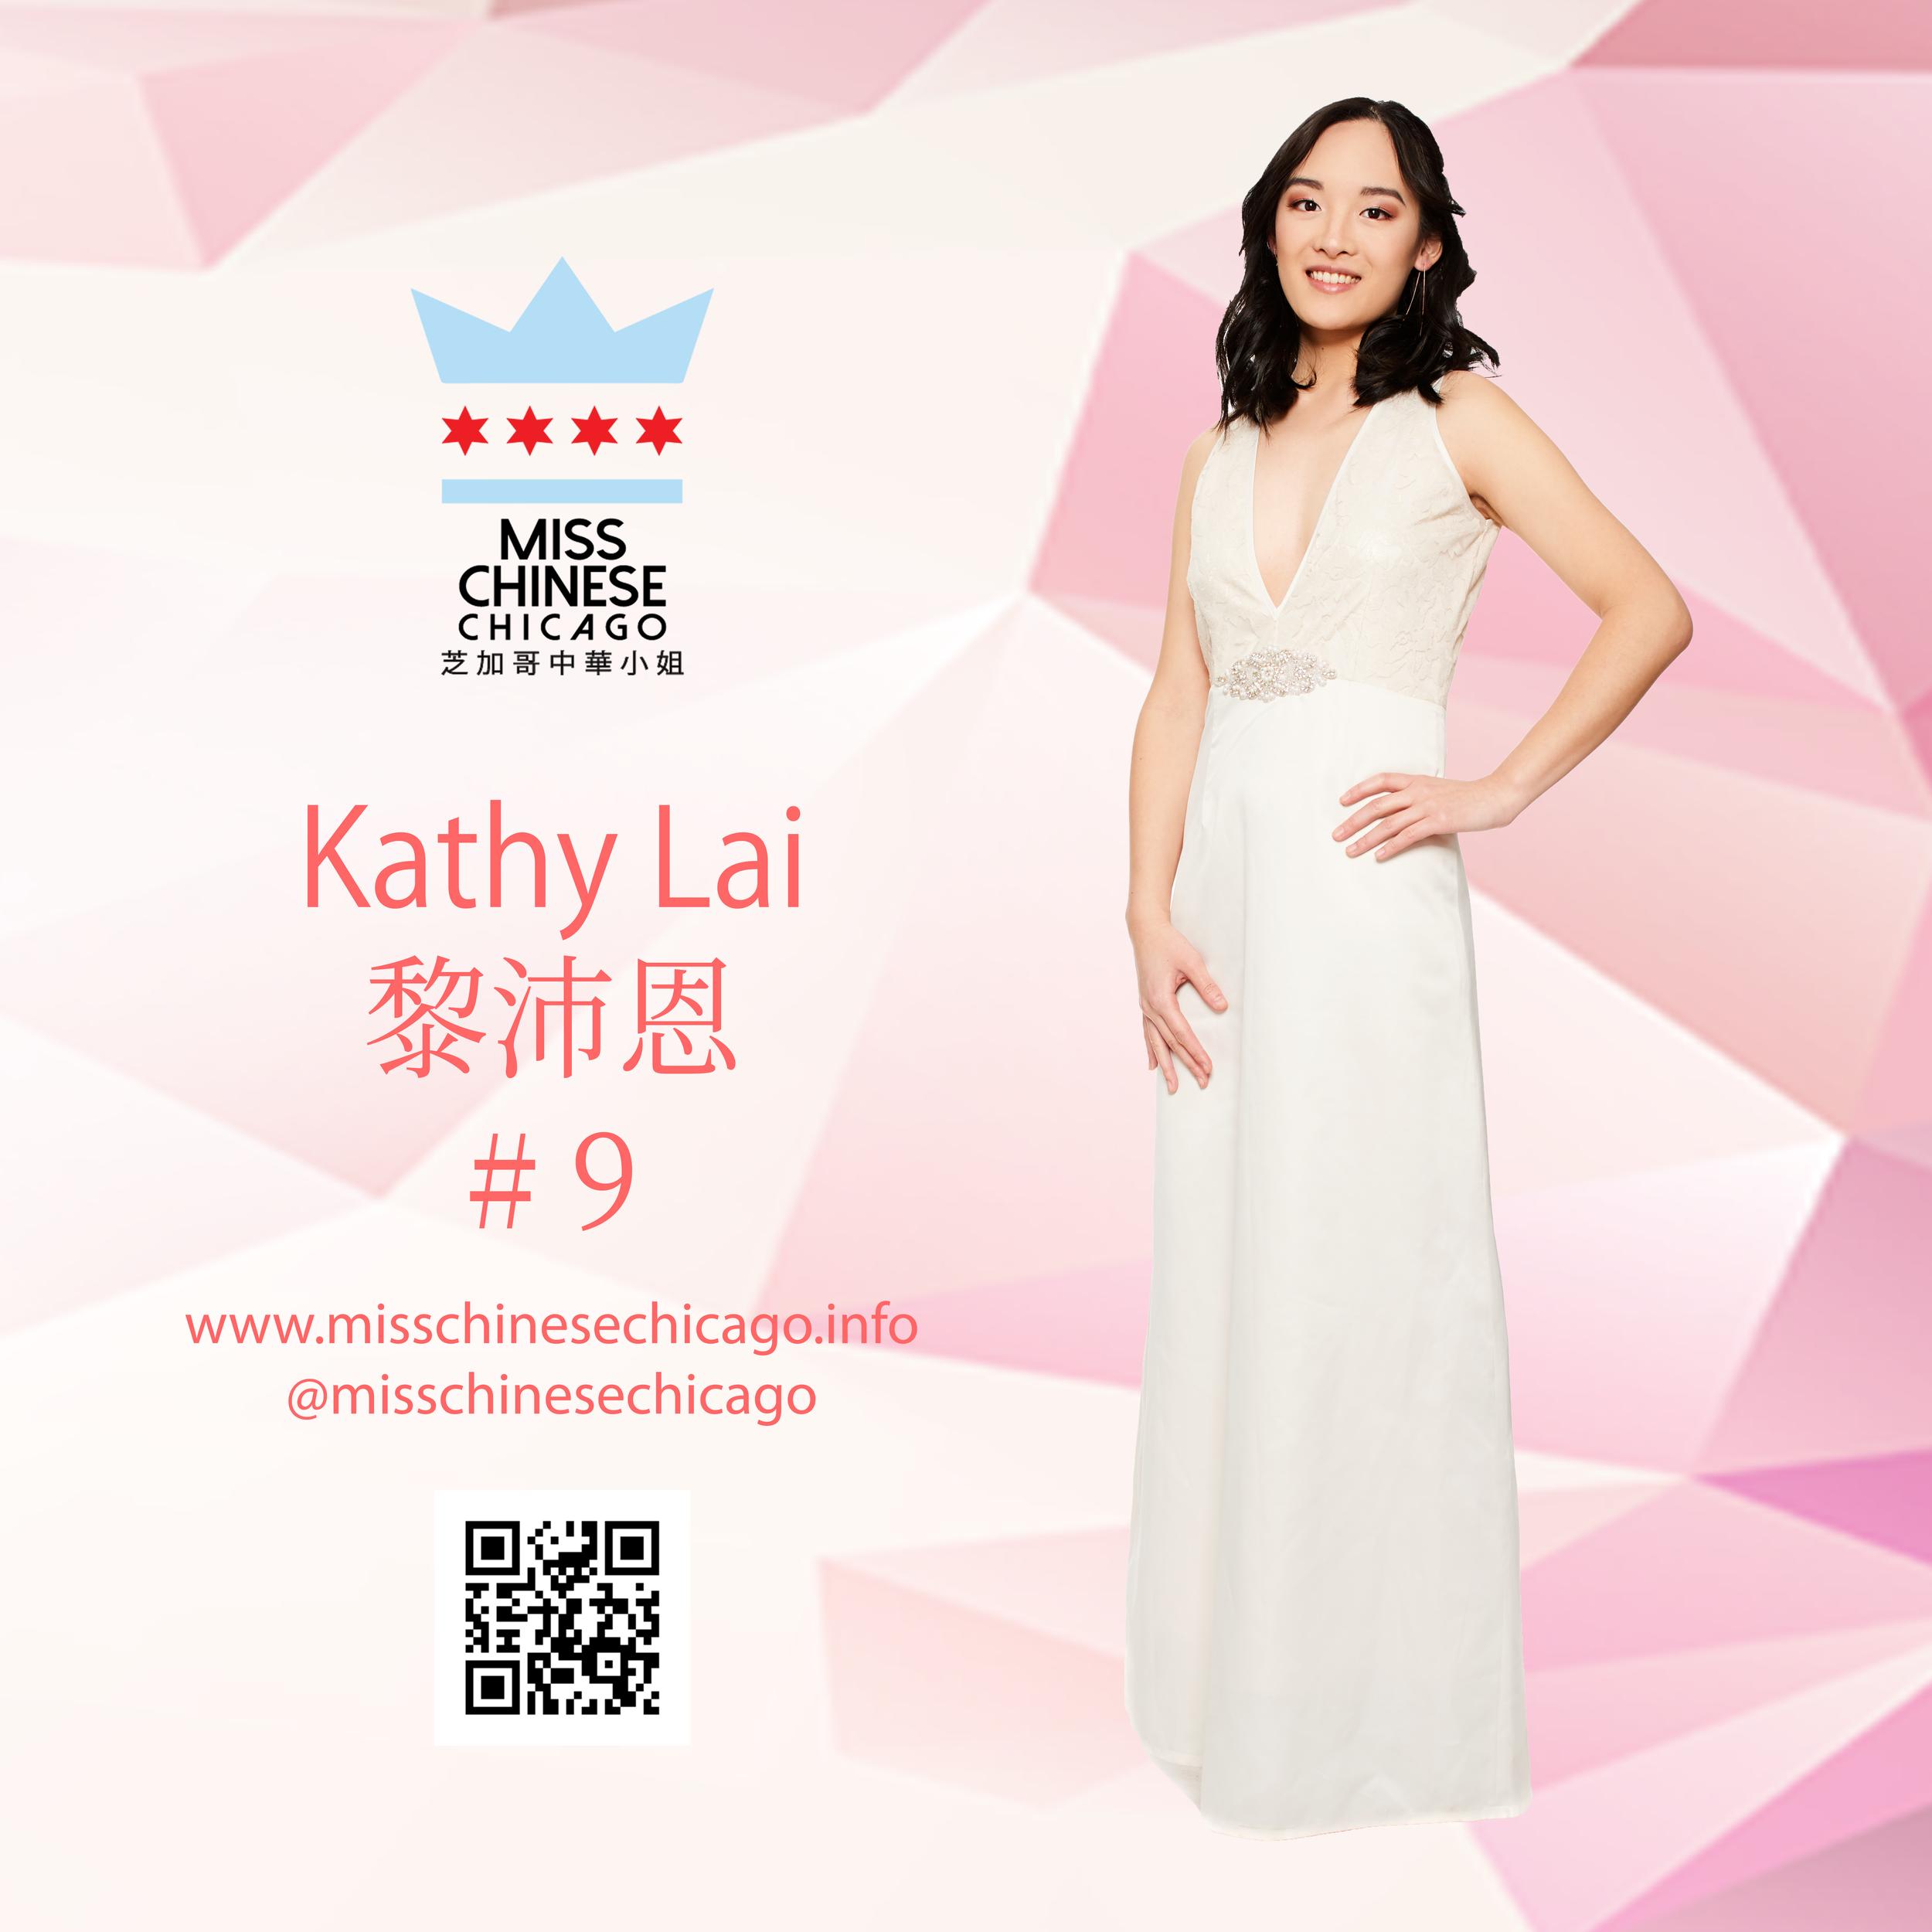 Kathy Lai 2019 Contestant